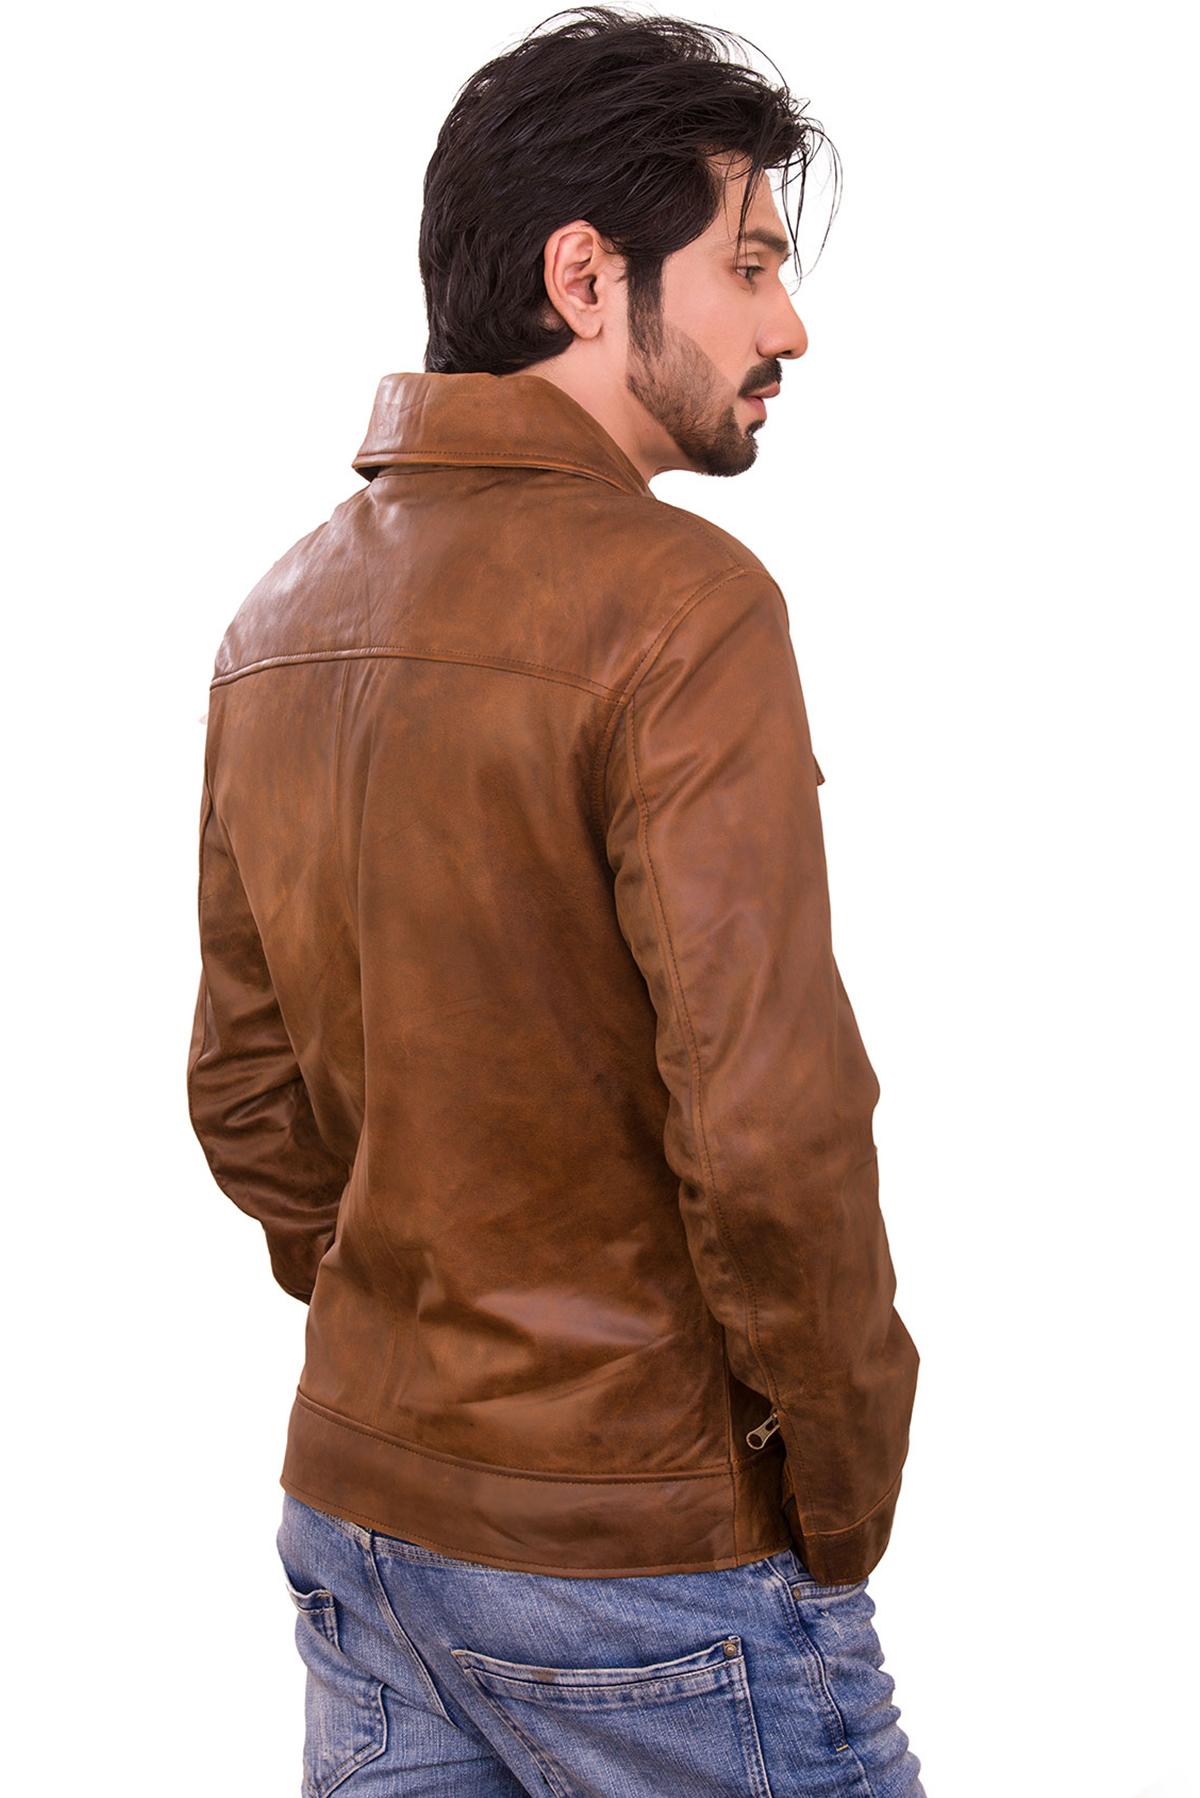 leather jacket dress